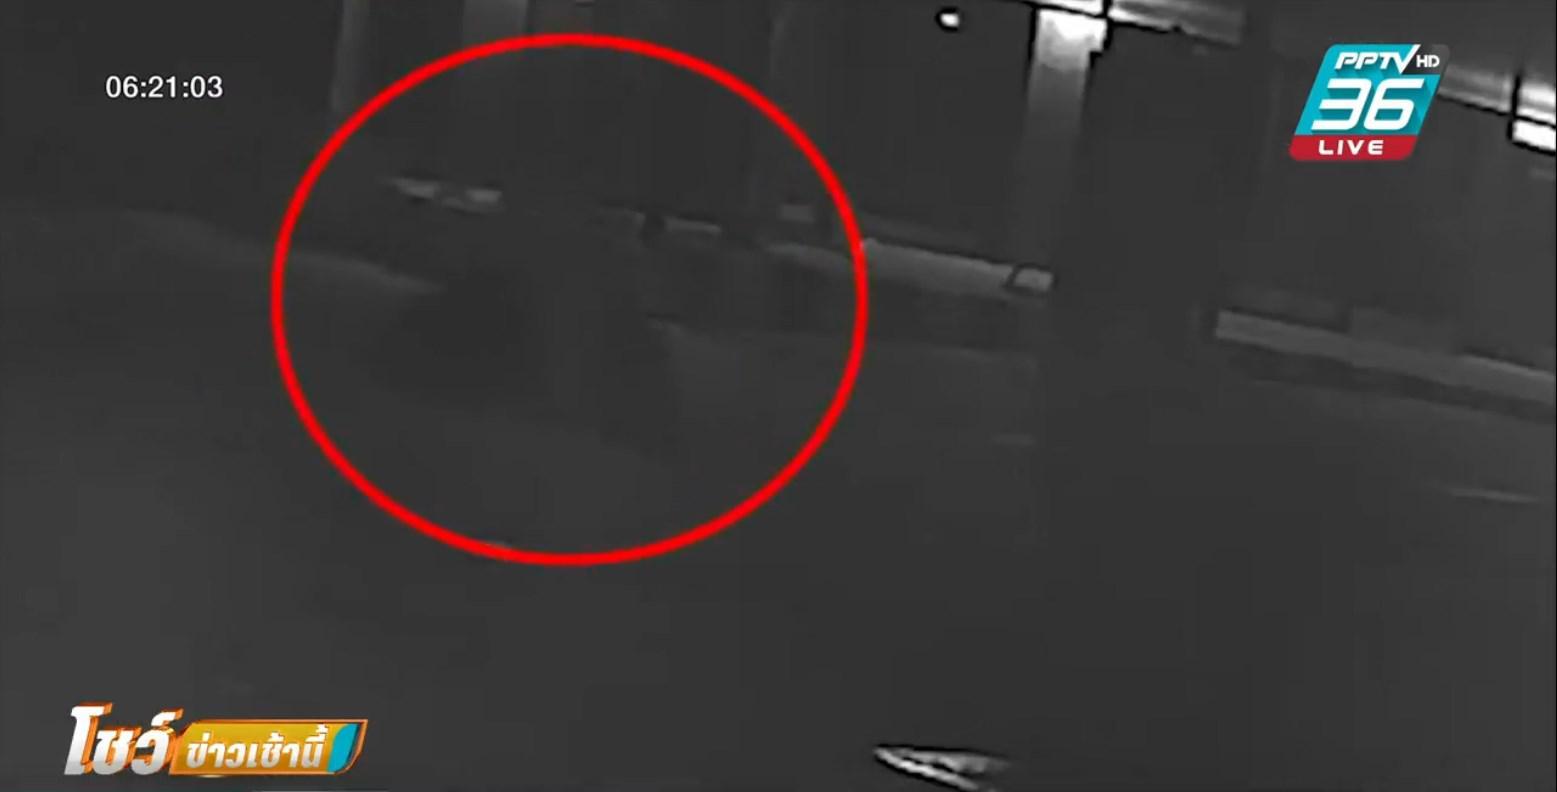 วงจรปิด จับภาพสาวประเภทสองฆ่าแฟนหนุ่ม ขนหลักฐานไปทิ้งขยะ